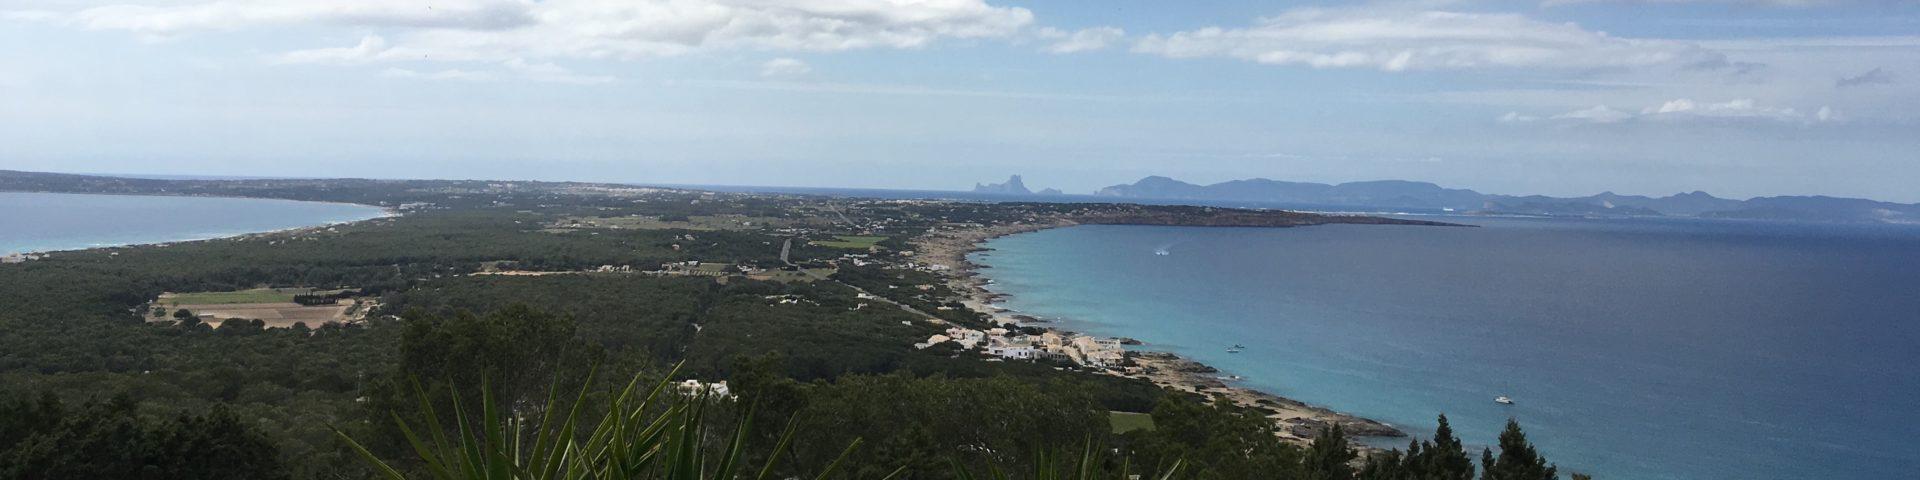 Formentera Aire